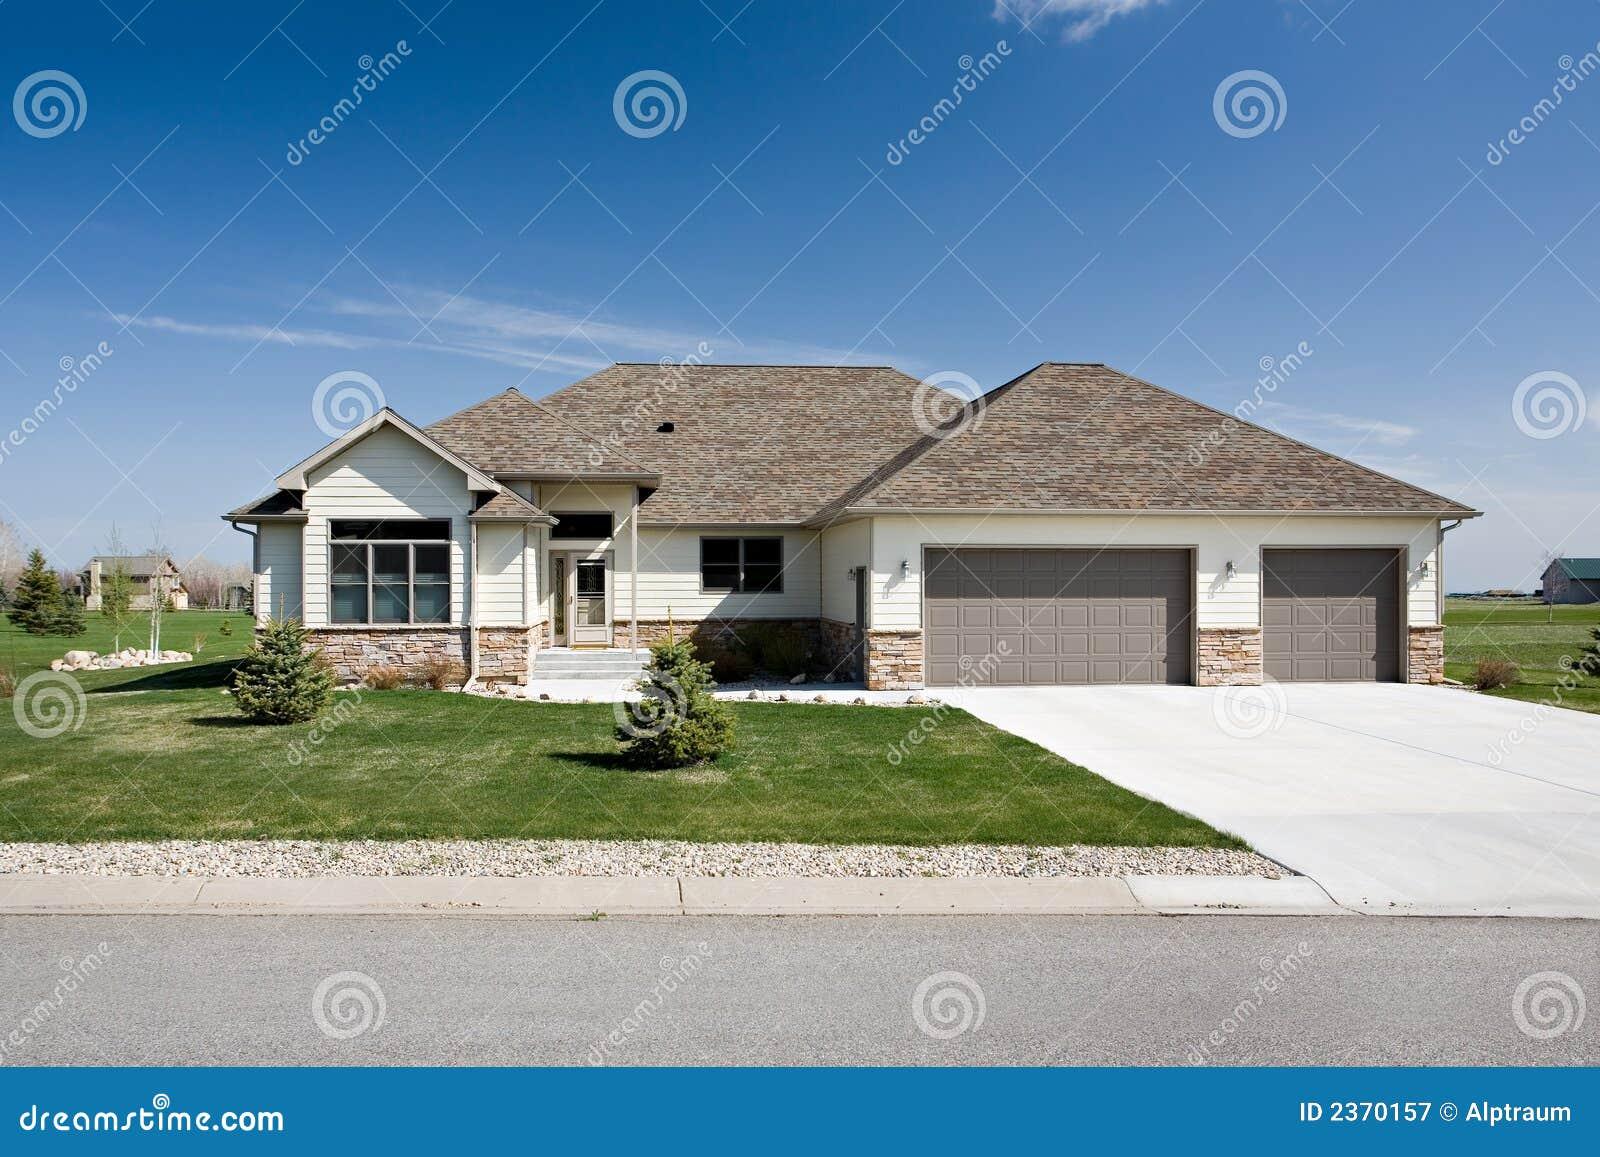 Nieuw amerikaans huis royalty vrije stock fotografie beeld 2370157 - Huis bourgeois huis ...